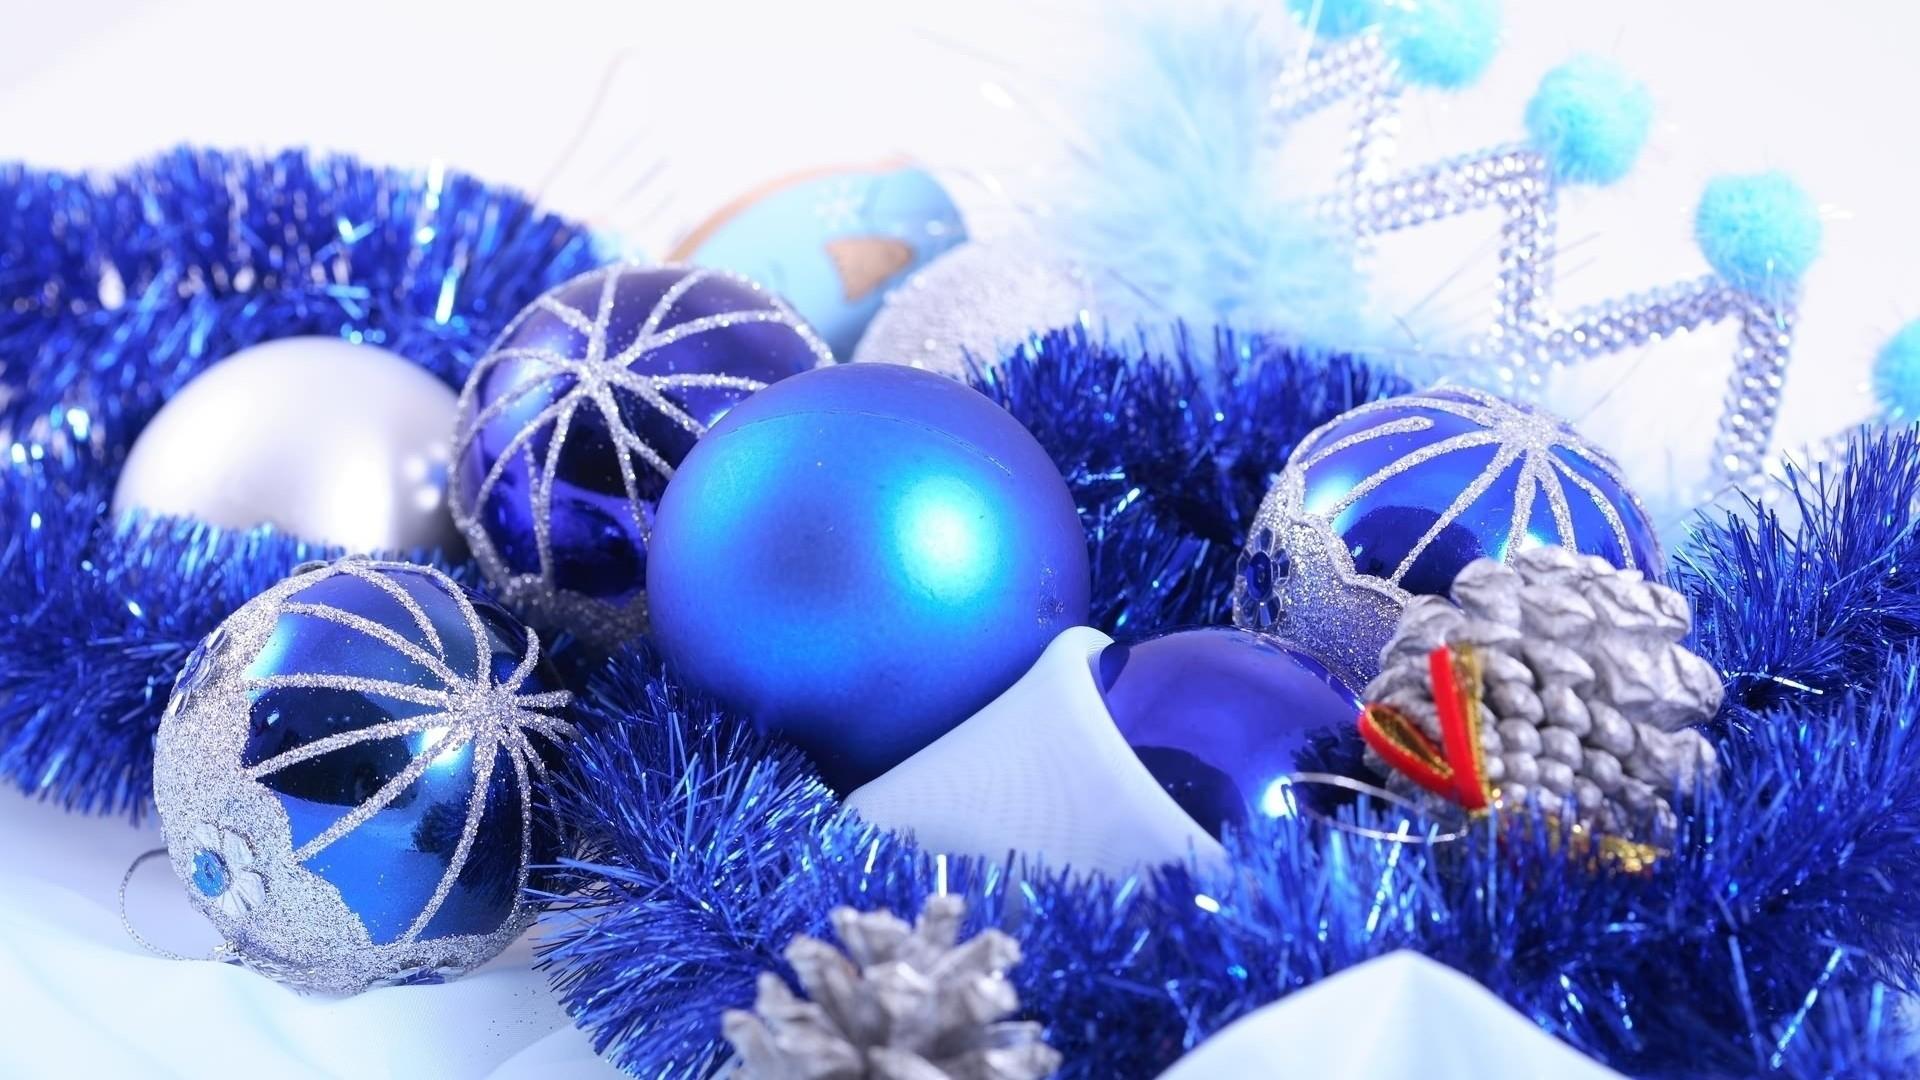 Christmas Image for Desktop.